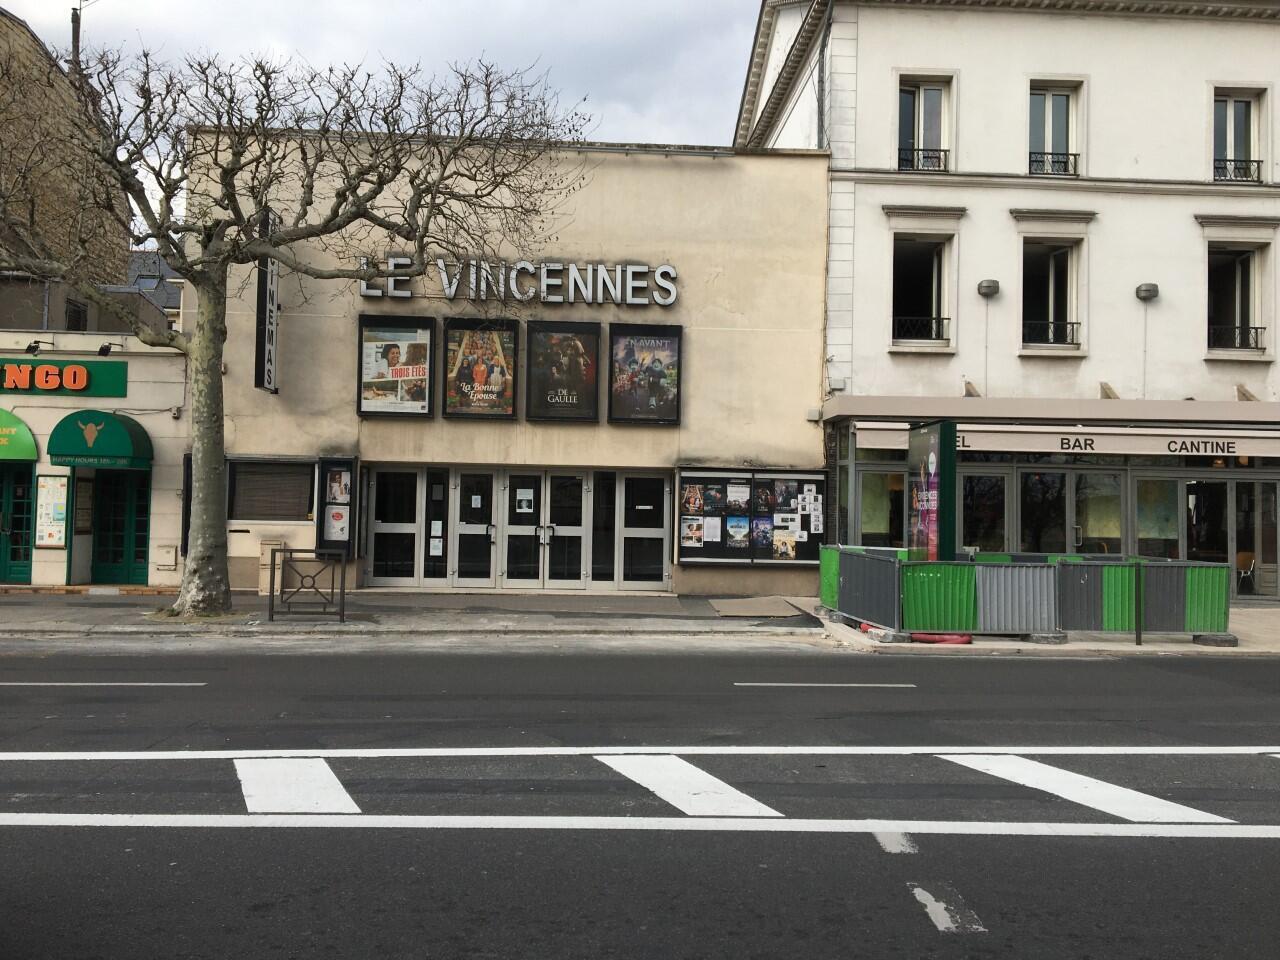 Salle de cinéma désertée à Vincennes, en région parisienne, en raison du confinement imposé par l'épidémie de coronavirus.